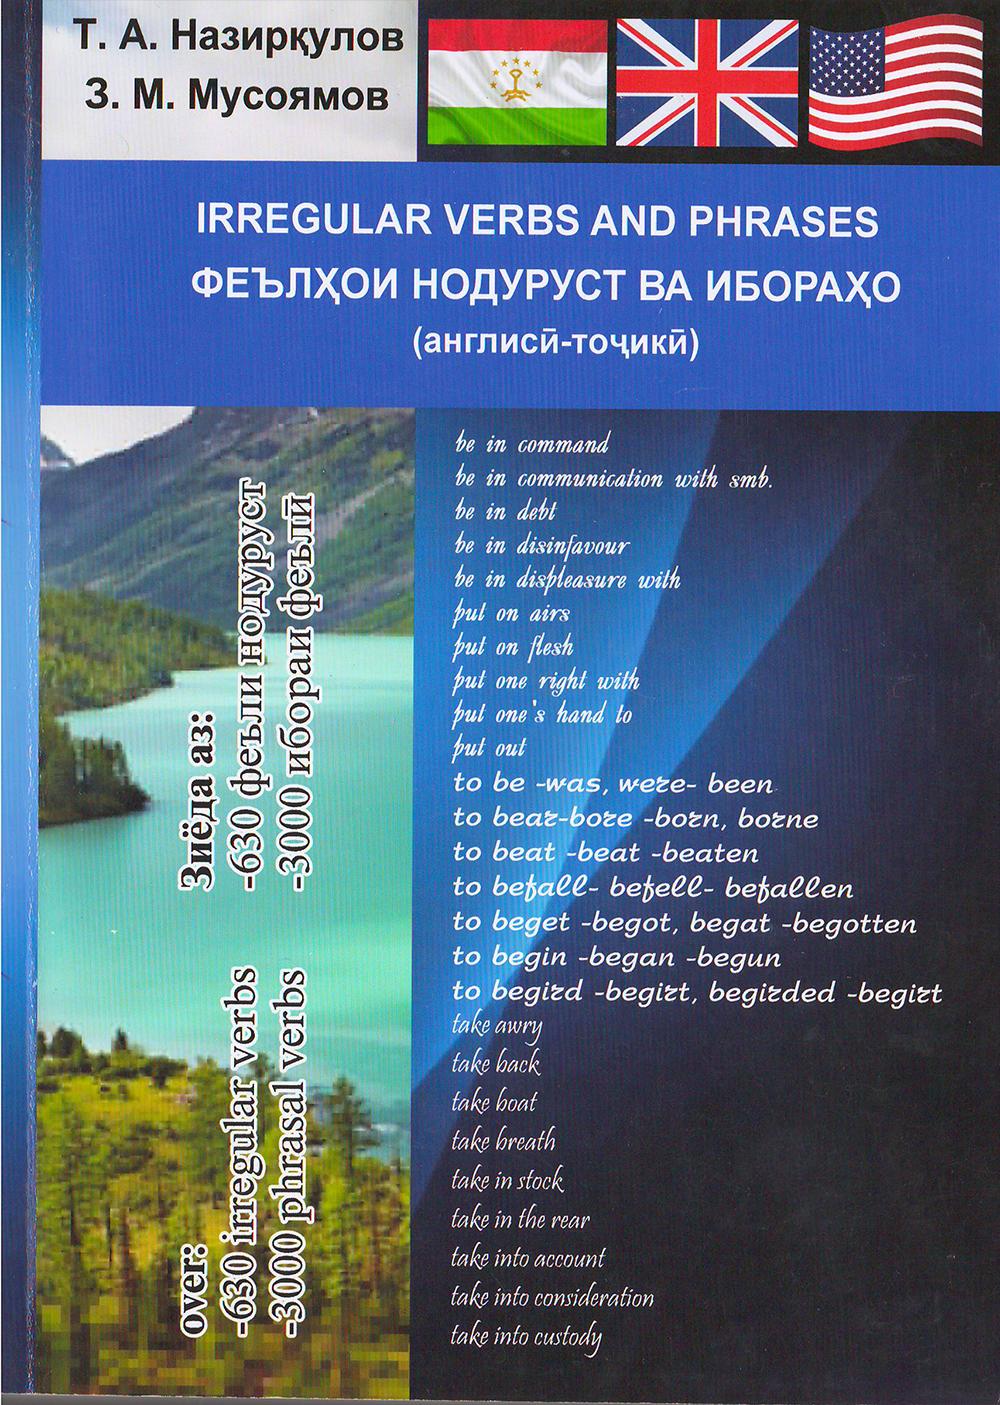 Феълҳои надуруст ва ибораҳо